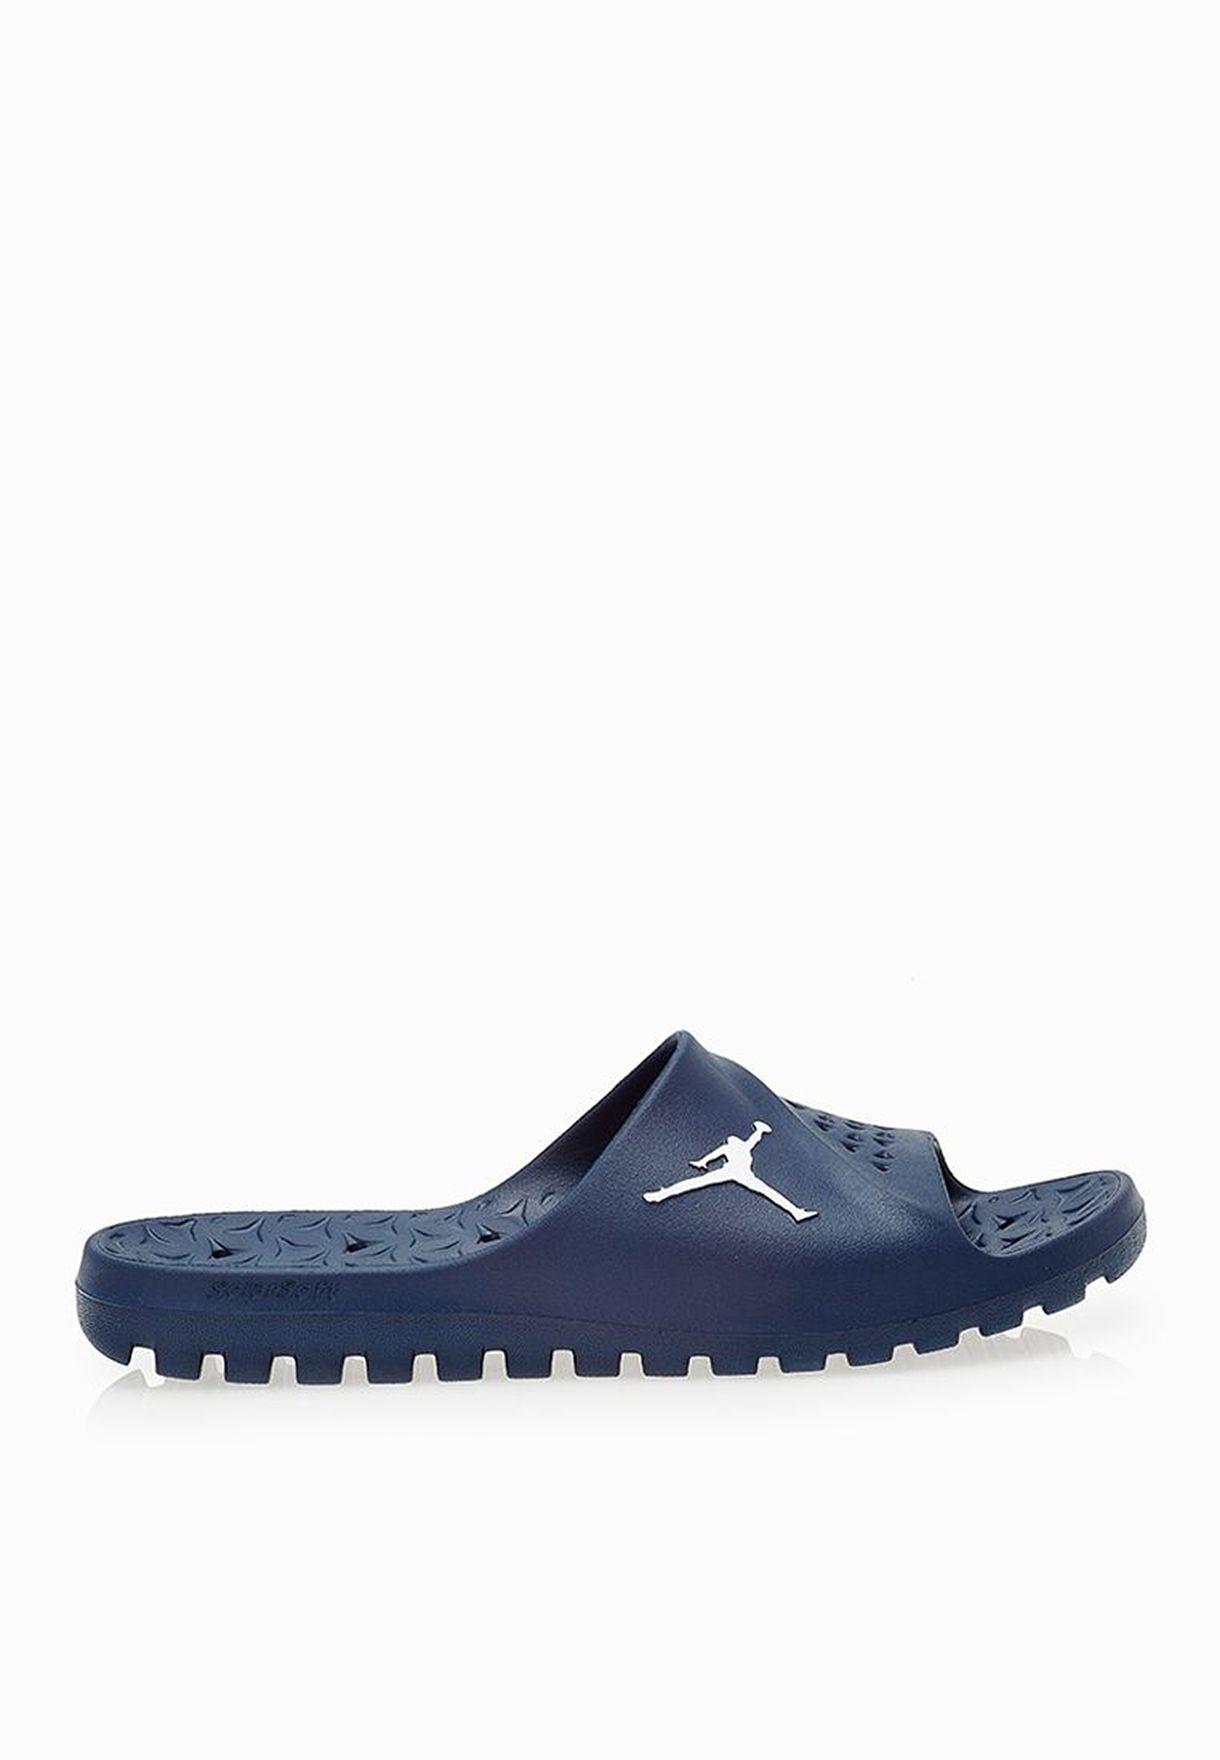 81ff860fa99 Shop Nike navy Jordan Super Fly Team Slide 716985-400 for Men in ...